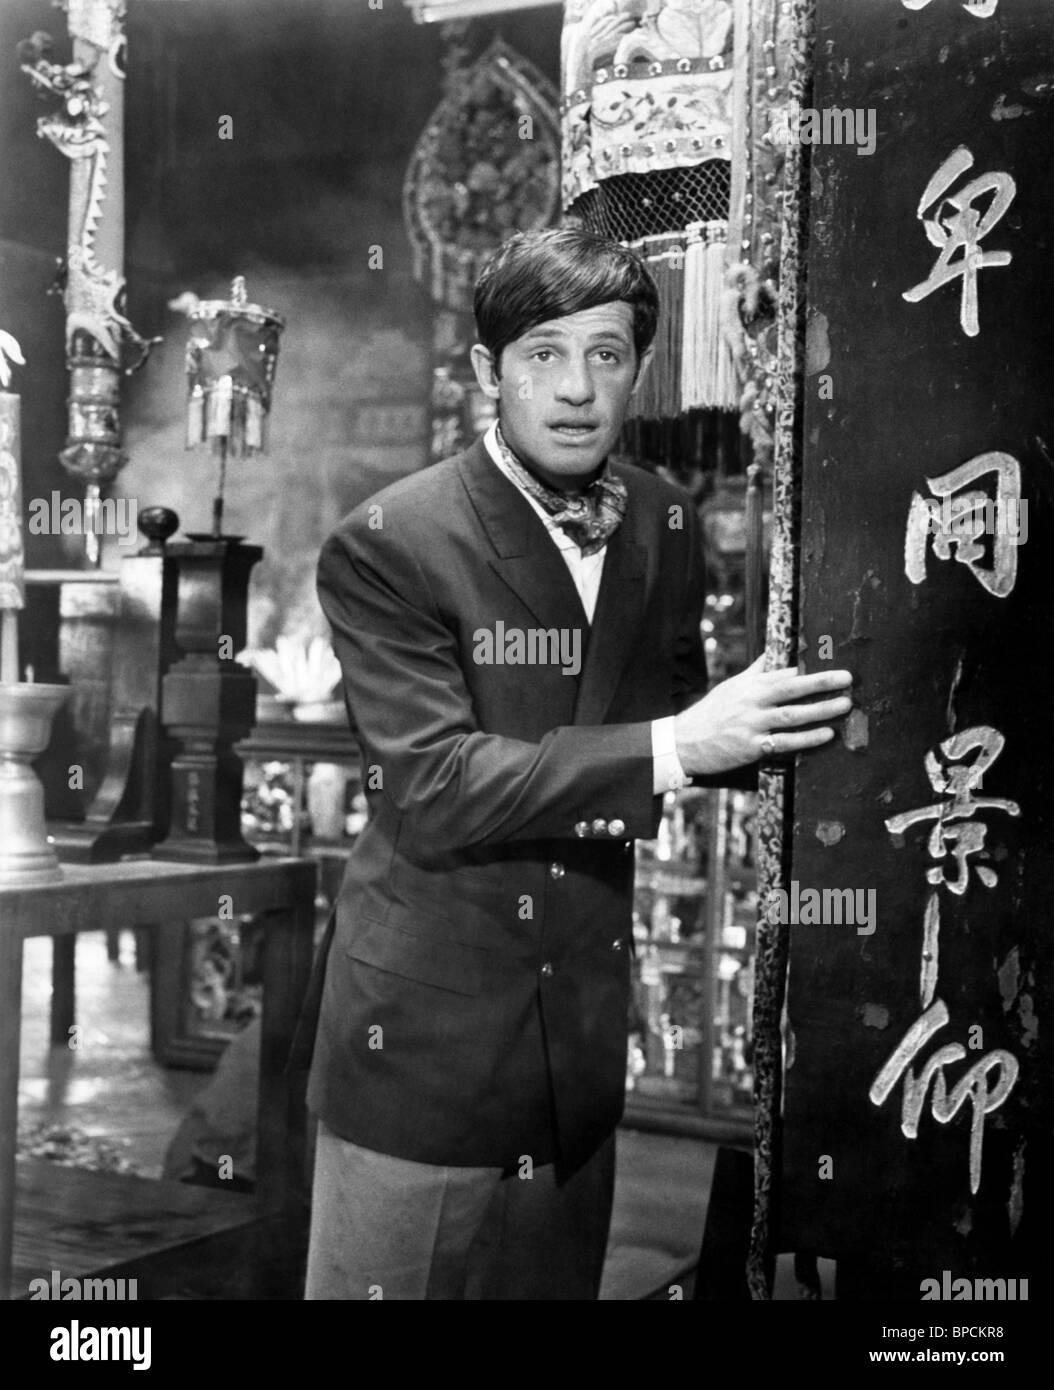 LES TRIBULATIONS D'UN CHINOIS EN CHINE (1965) UP TO HIS EARS (ALT) JEAN-PAUL BELMONDO PHILIPPE DE BROCA (DIR) - Stock Image